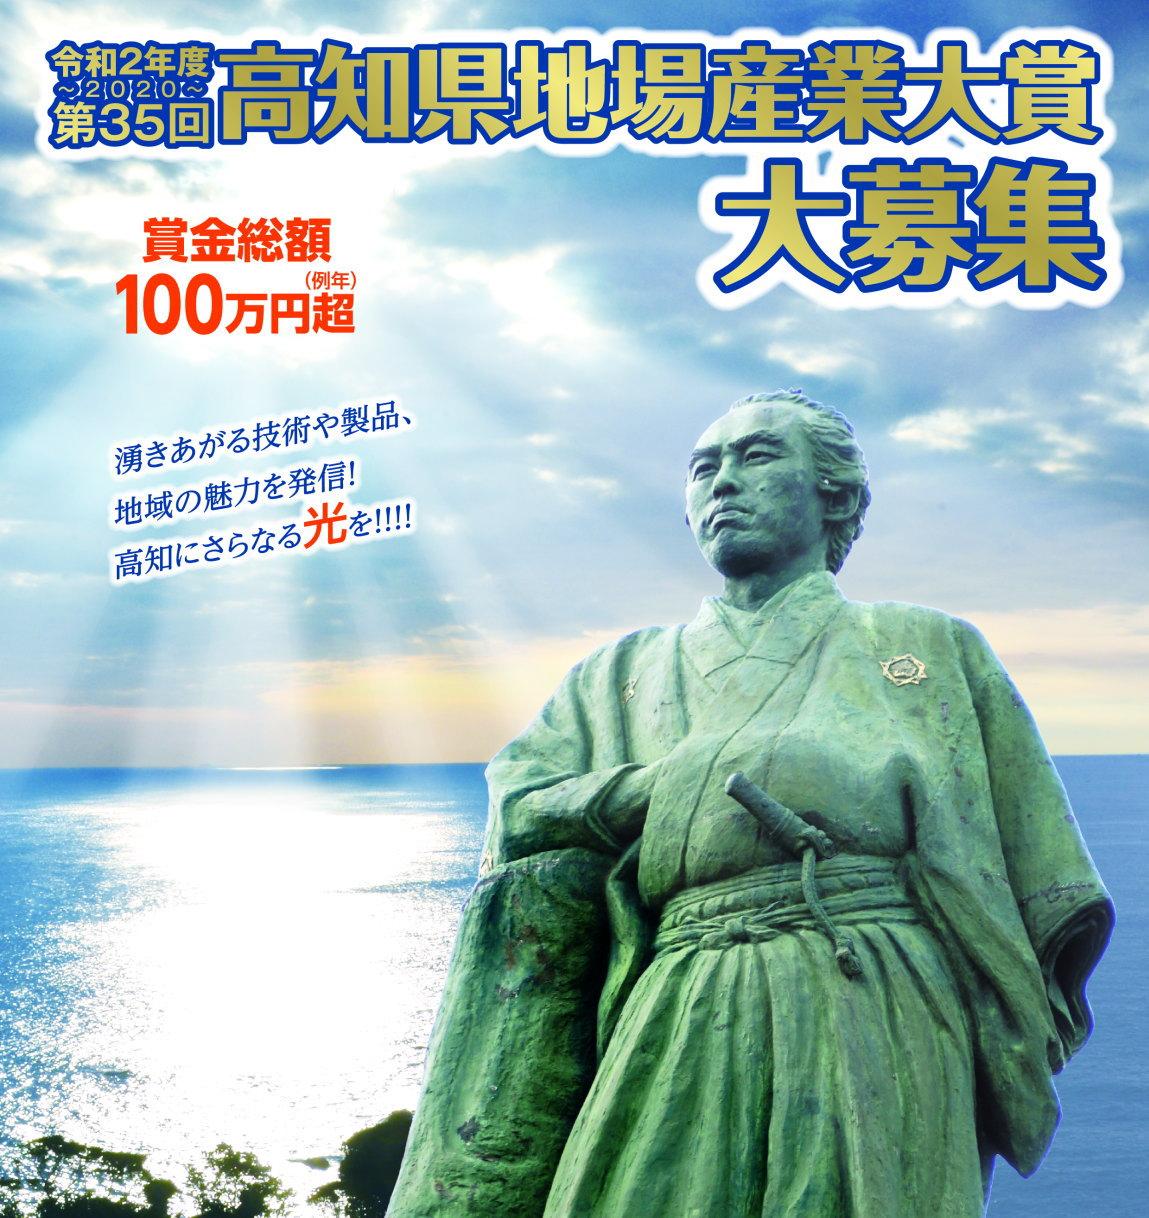 令和2年度第35回 高知県地場産業大賞 募集について